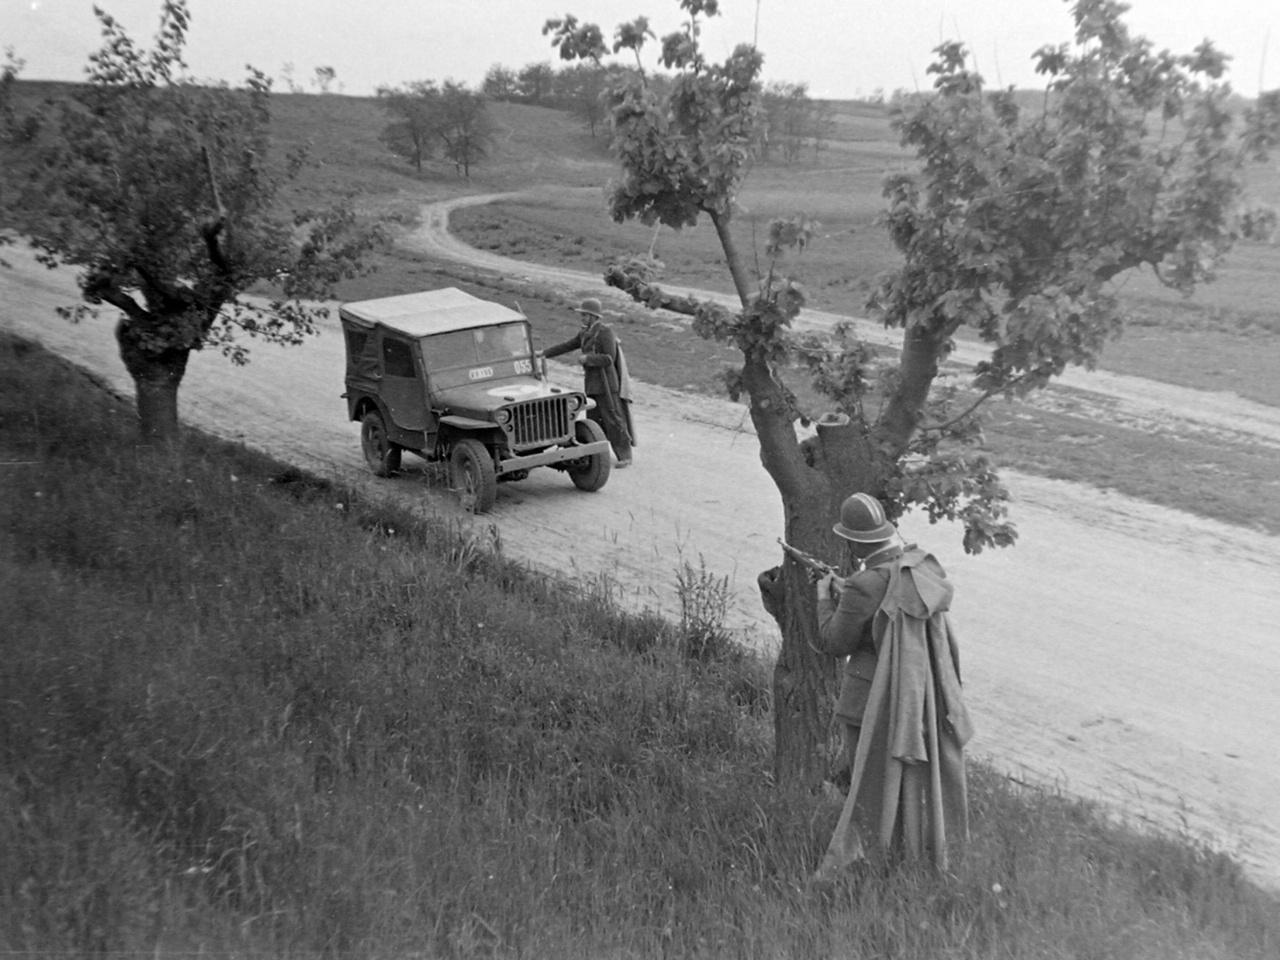 Igazoltatás a határon háttérbiztosítással (1949). A kommunista hatalomátvétel után készült fotó valószínűleg beállított volt: az autó katonai jármű, benne a sofőr uniformisban ül, és valódi helyzetben egy épeszű járőr sem egy ilyen fa mögött keresne magának fedezéket,  ahol ennyire tisztán kivehető lenne egy veszélyesnek ítélt autó számára.